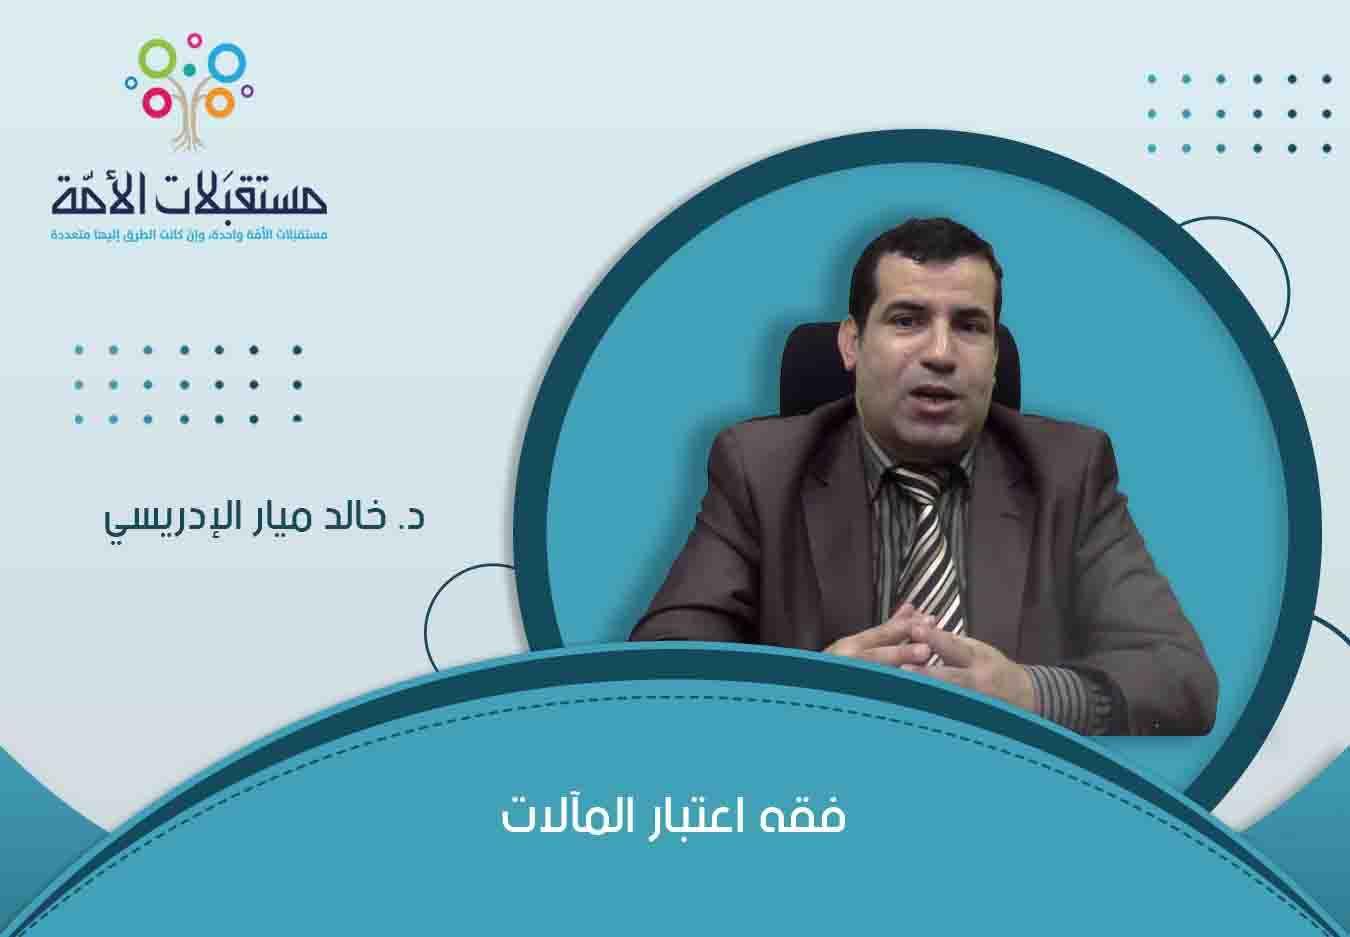 فقه اعتبار المآلات | د. خالد ميار الإدريسي